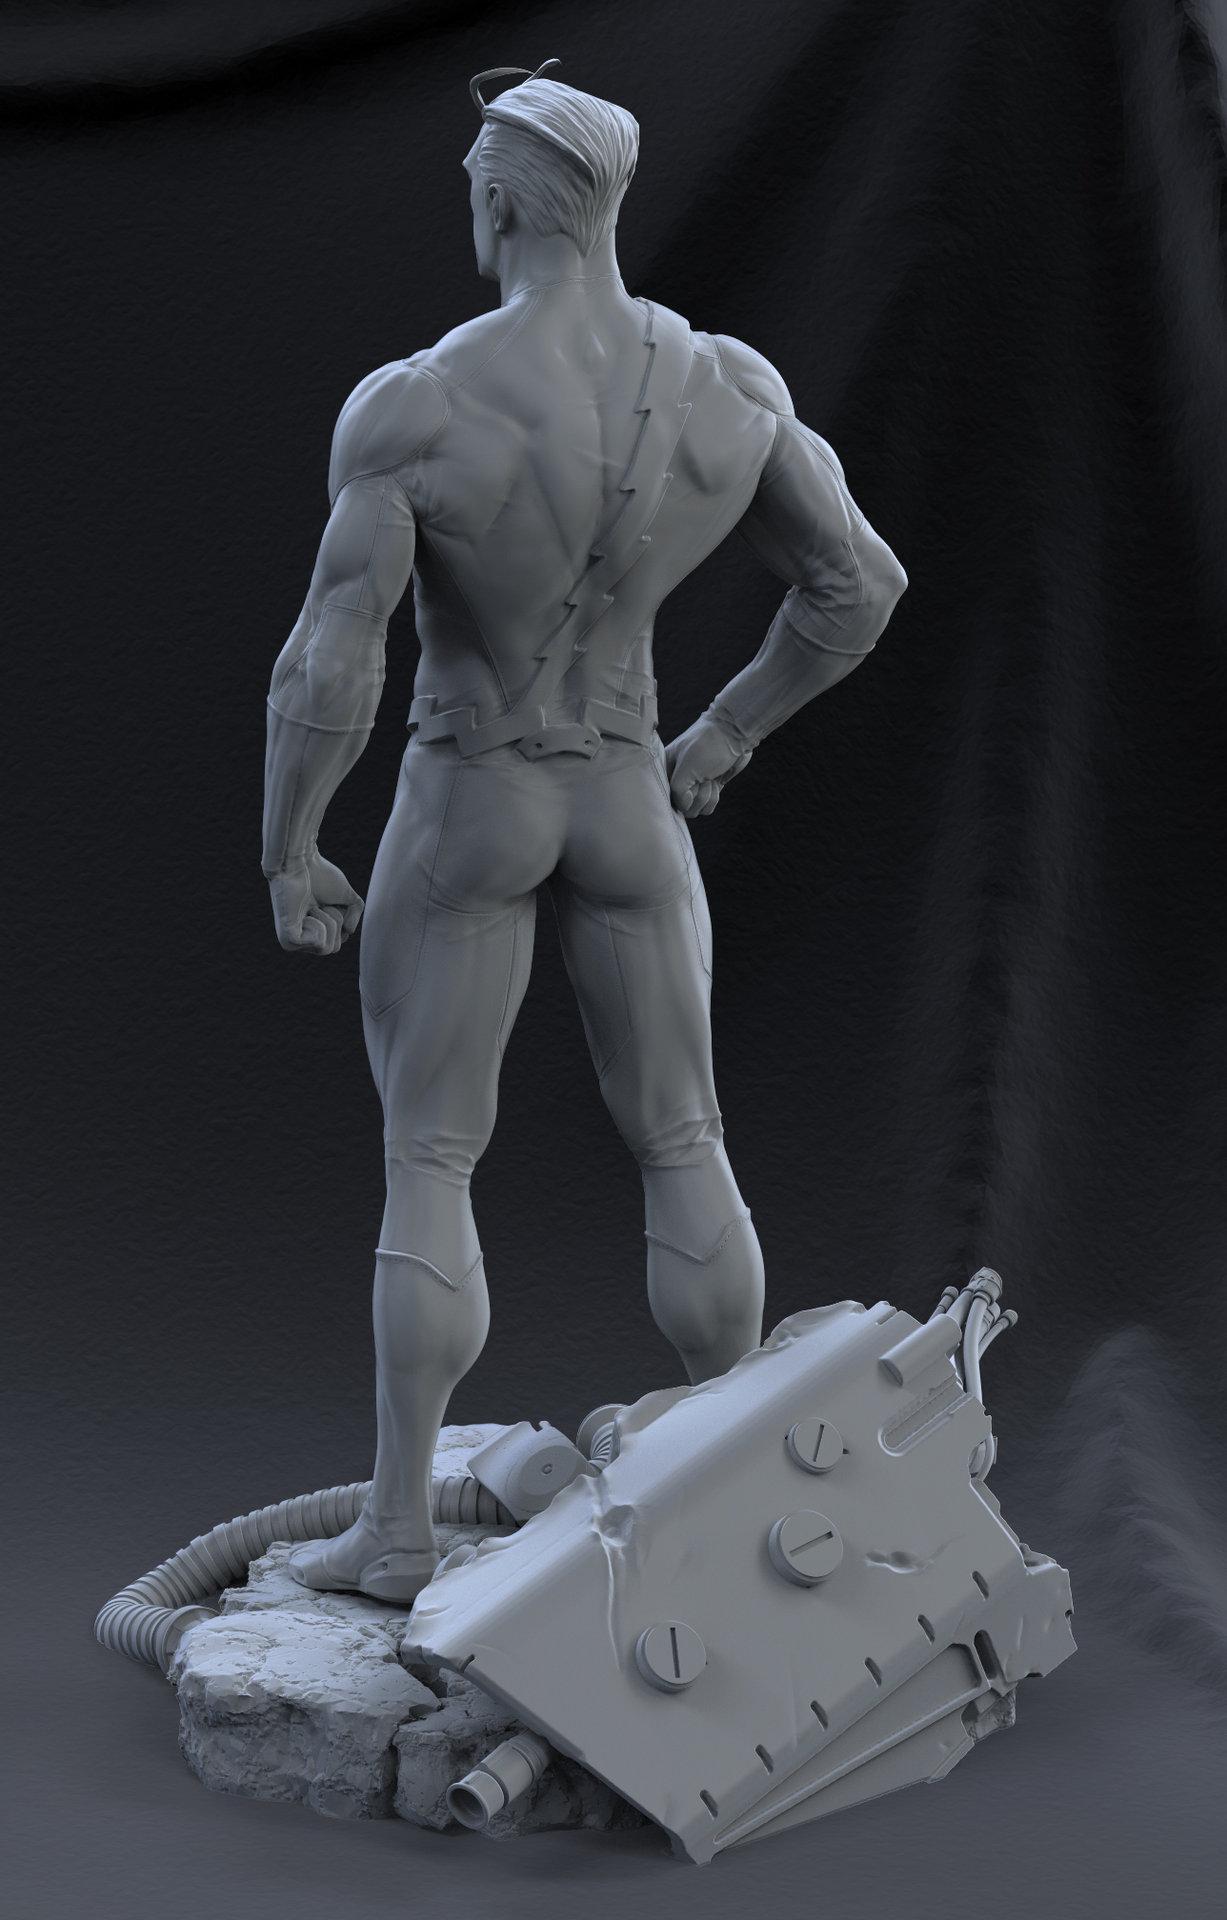 David giraud standing7 grey